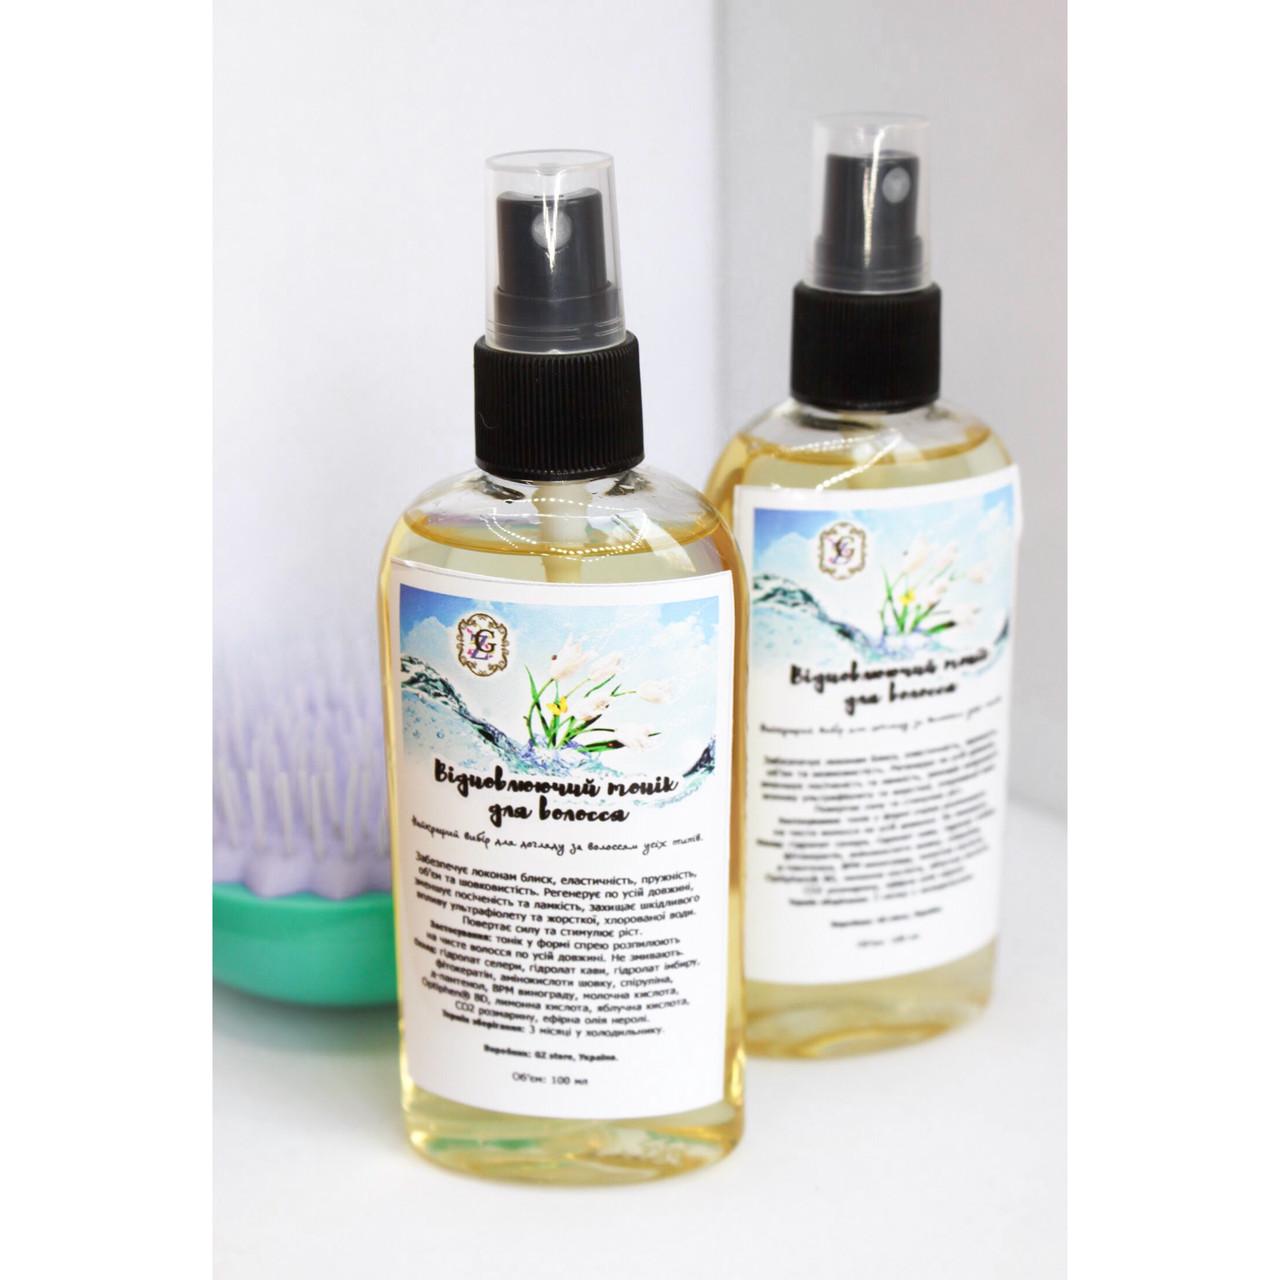 Тоник-спрей для поврежденных волос GZ store 100мл - растительный кератин от ломкости, без утяжеления